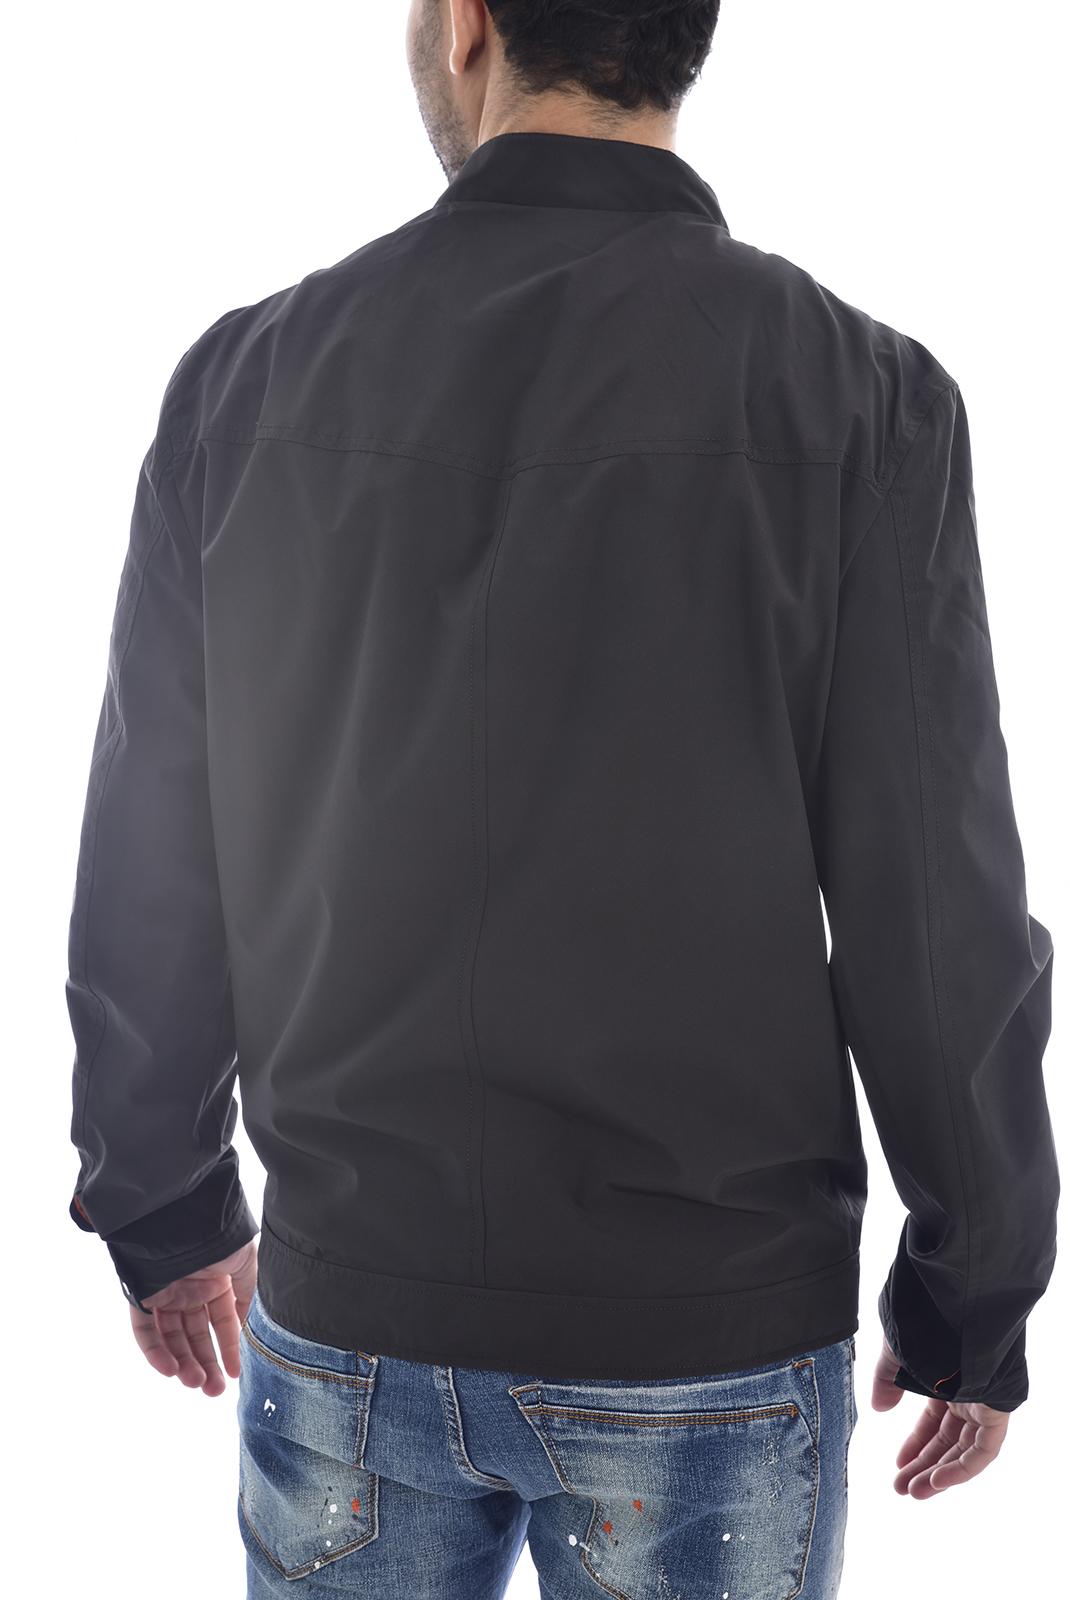 Blousons / doudounes  Guess jeans M02L50 WCOG0 CUMMUTER Jet Black A996